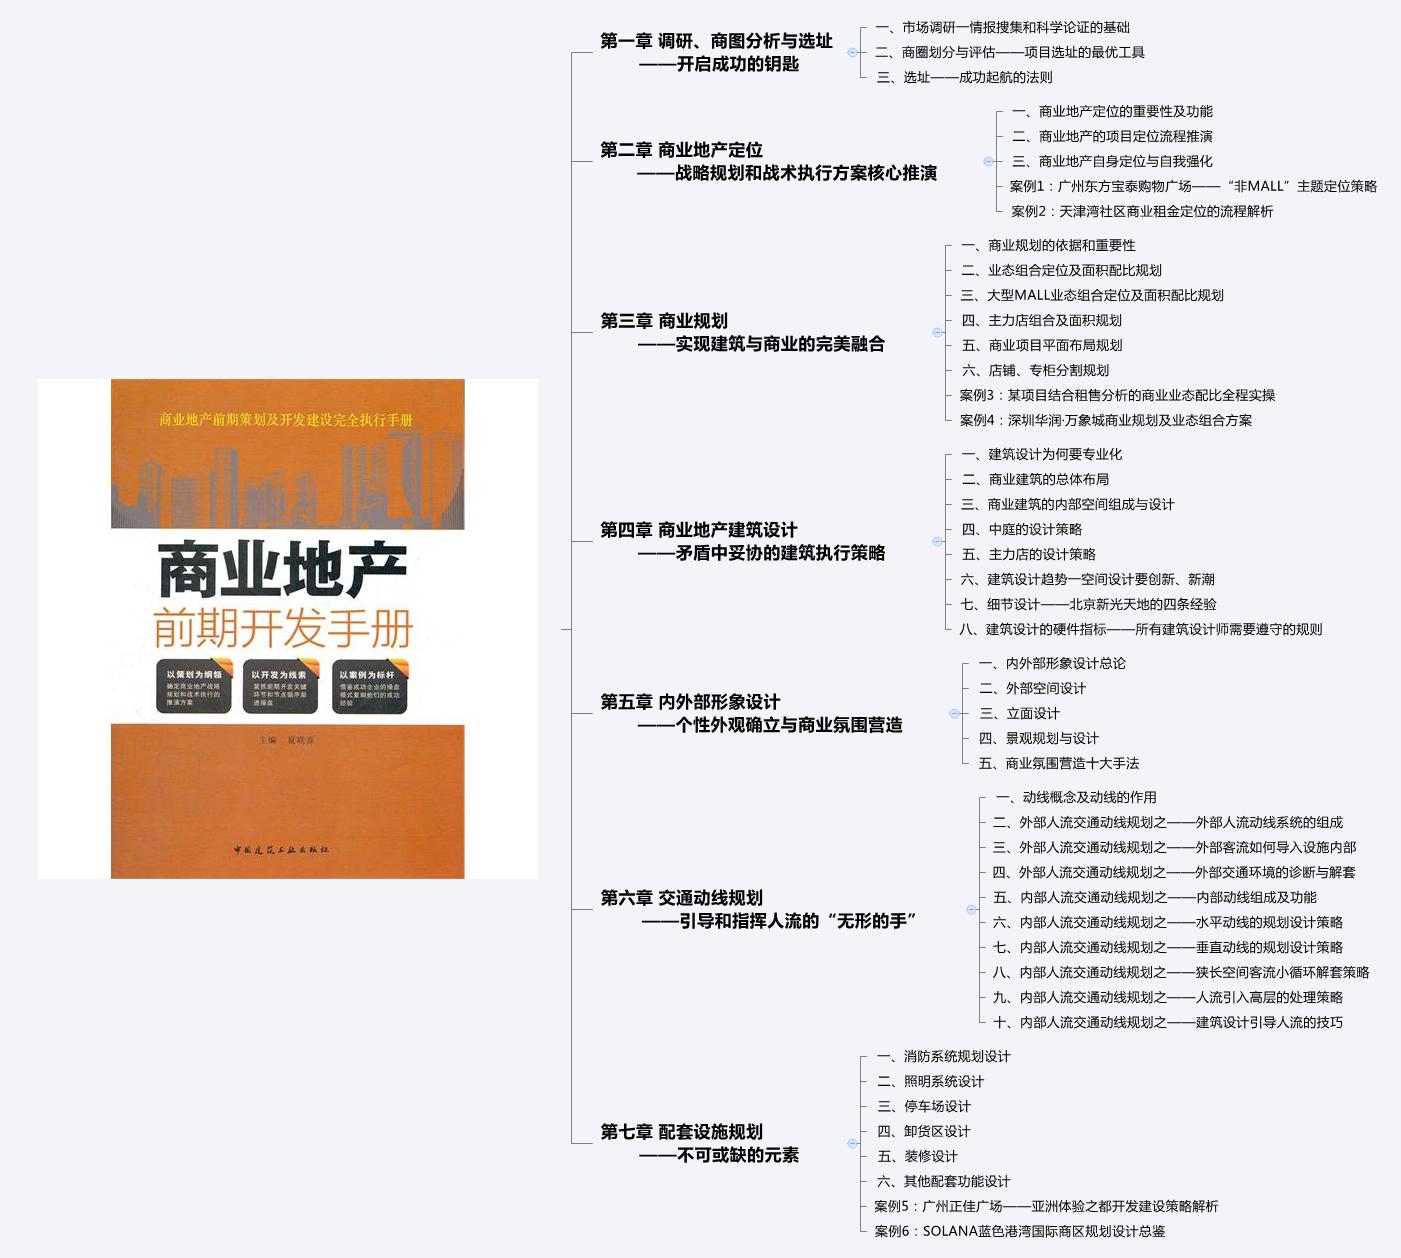 思维导图:《商业地产前期开发手册》